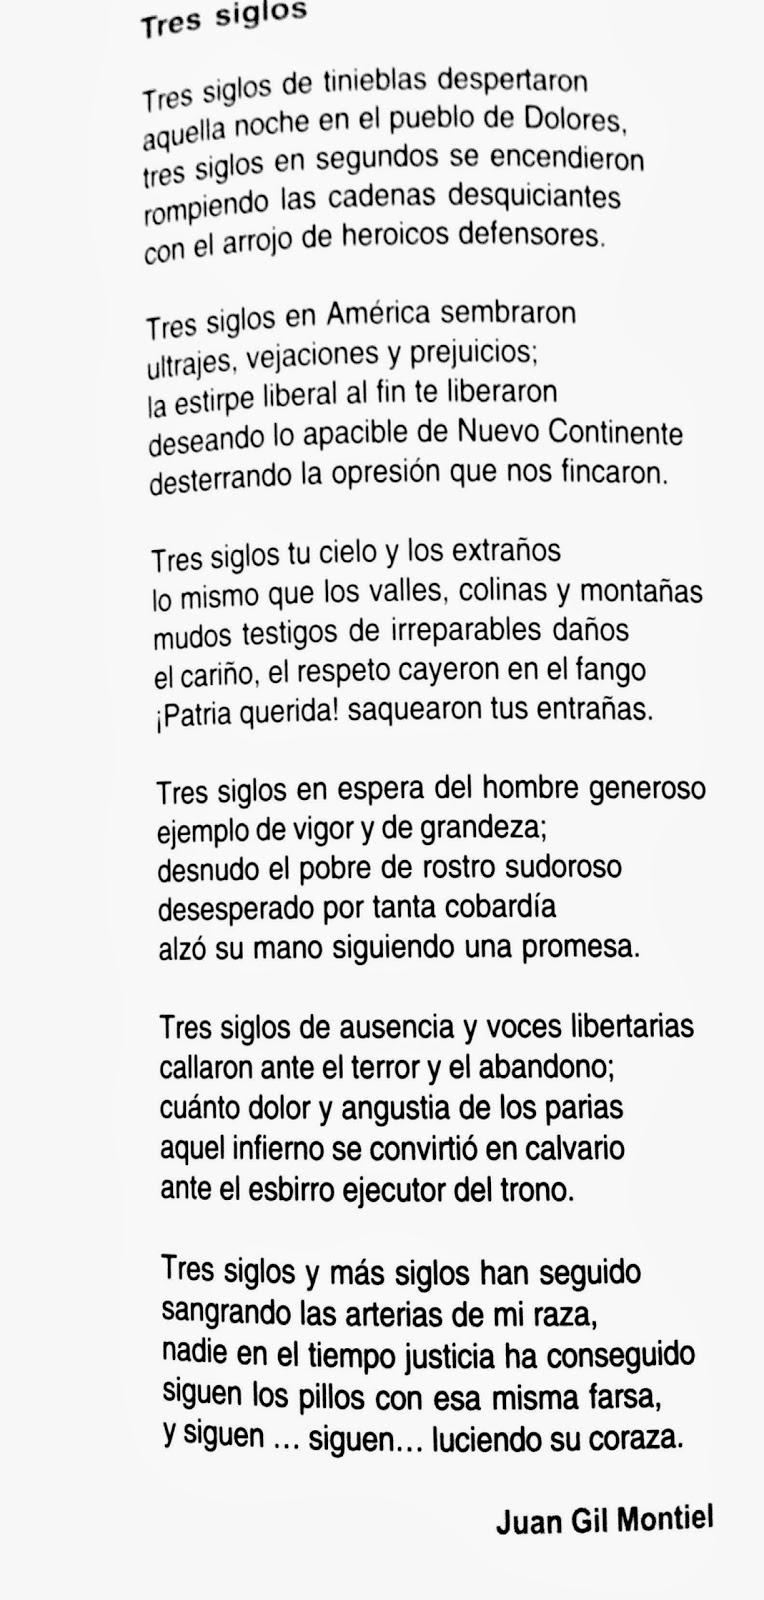 Poesía de la independencia de México - Tres siglos